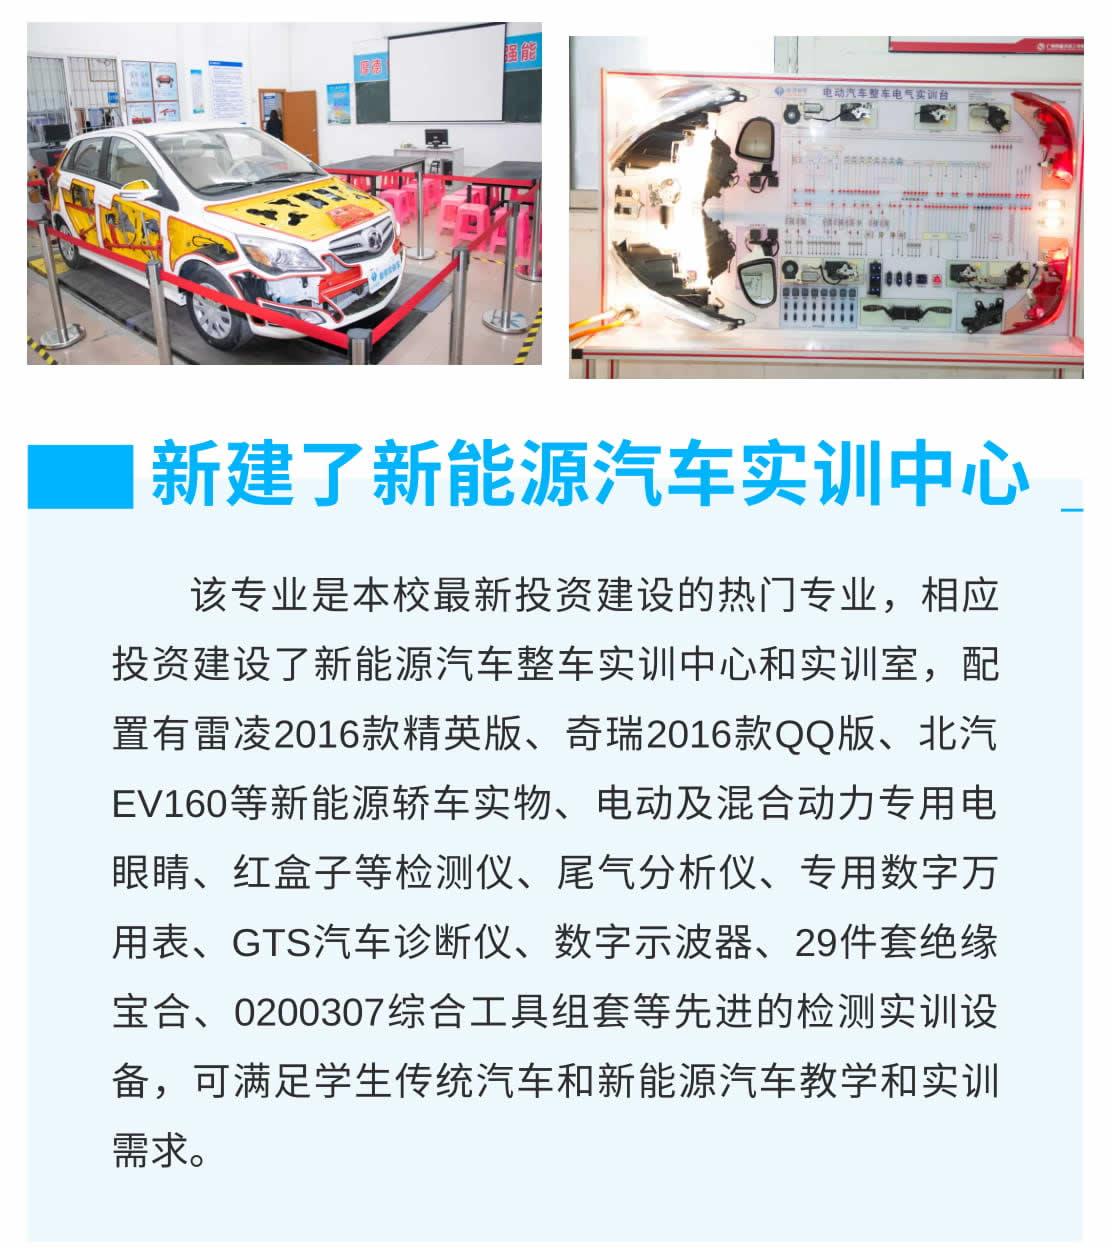 专业介绍 _ 新能源汽车检测与维修(高中起点三年制)-1_r4_c1.jpg